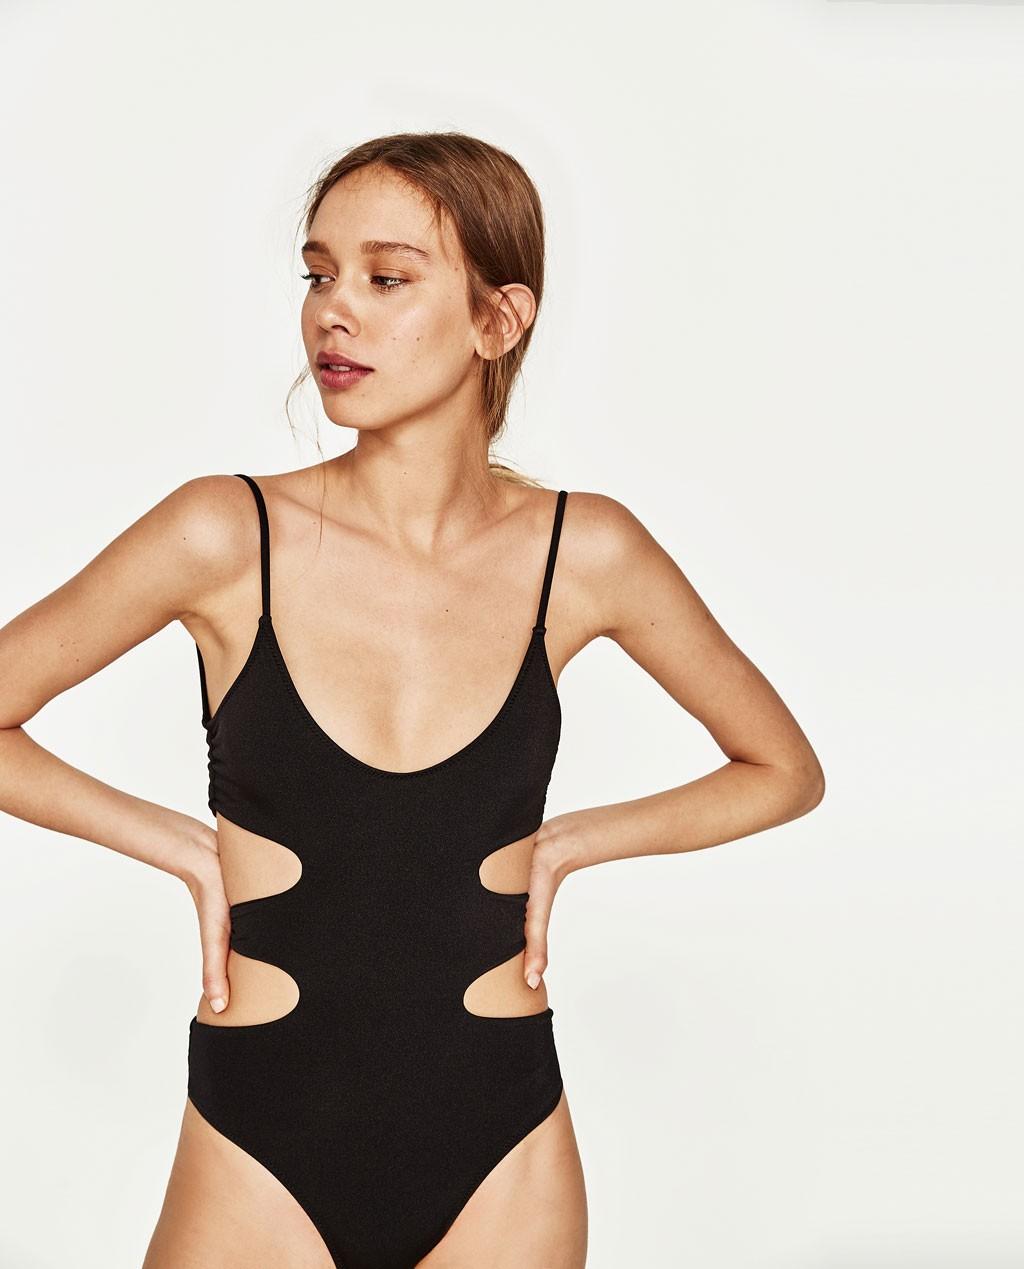 модные купальники 2018: черный с боковым вырезом